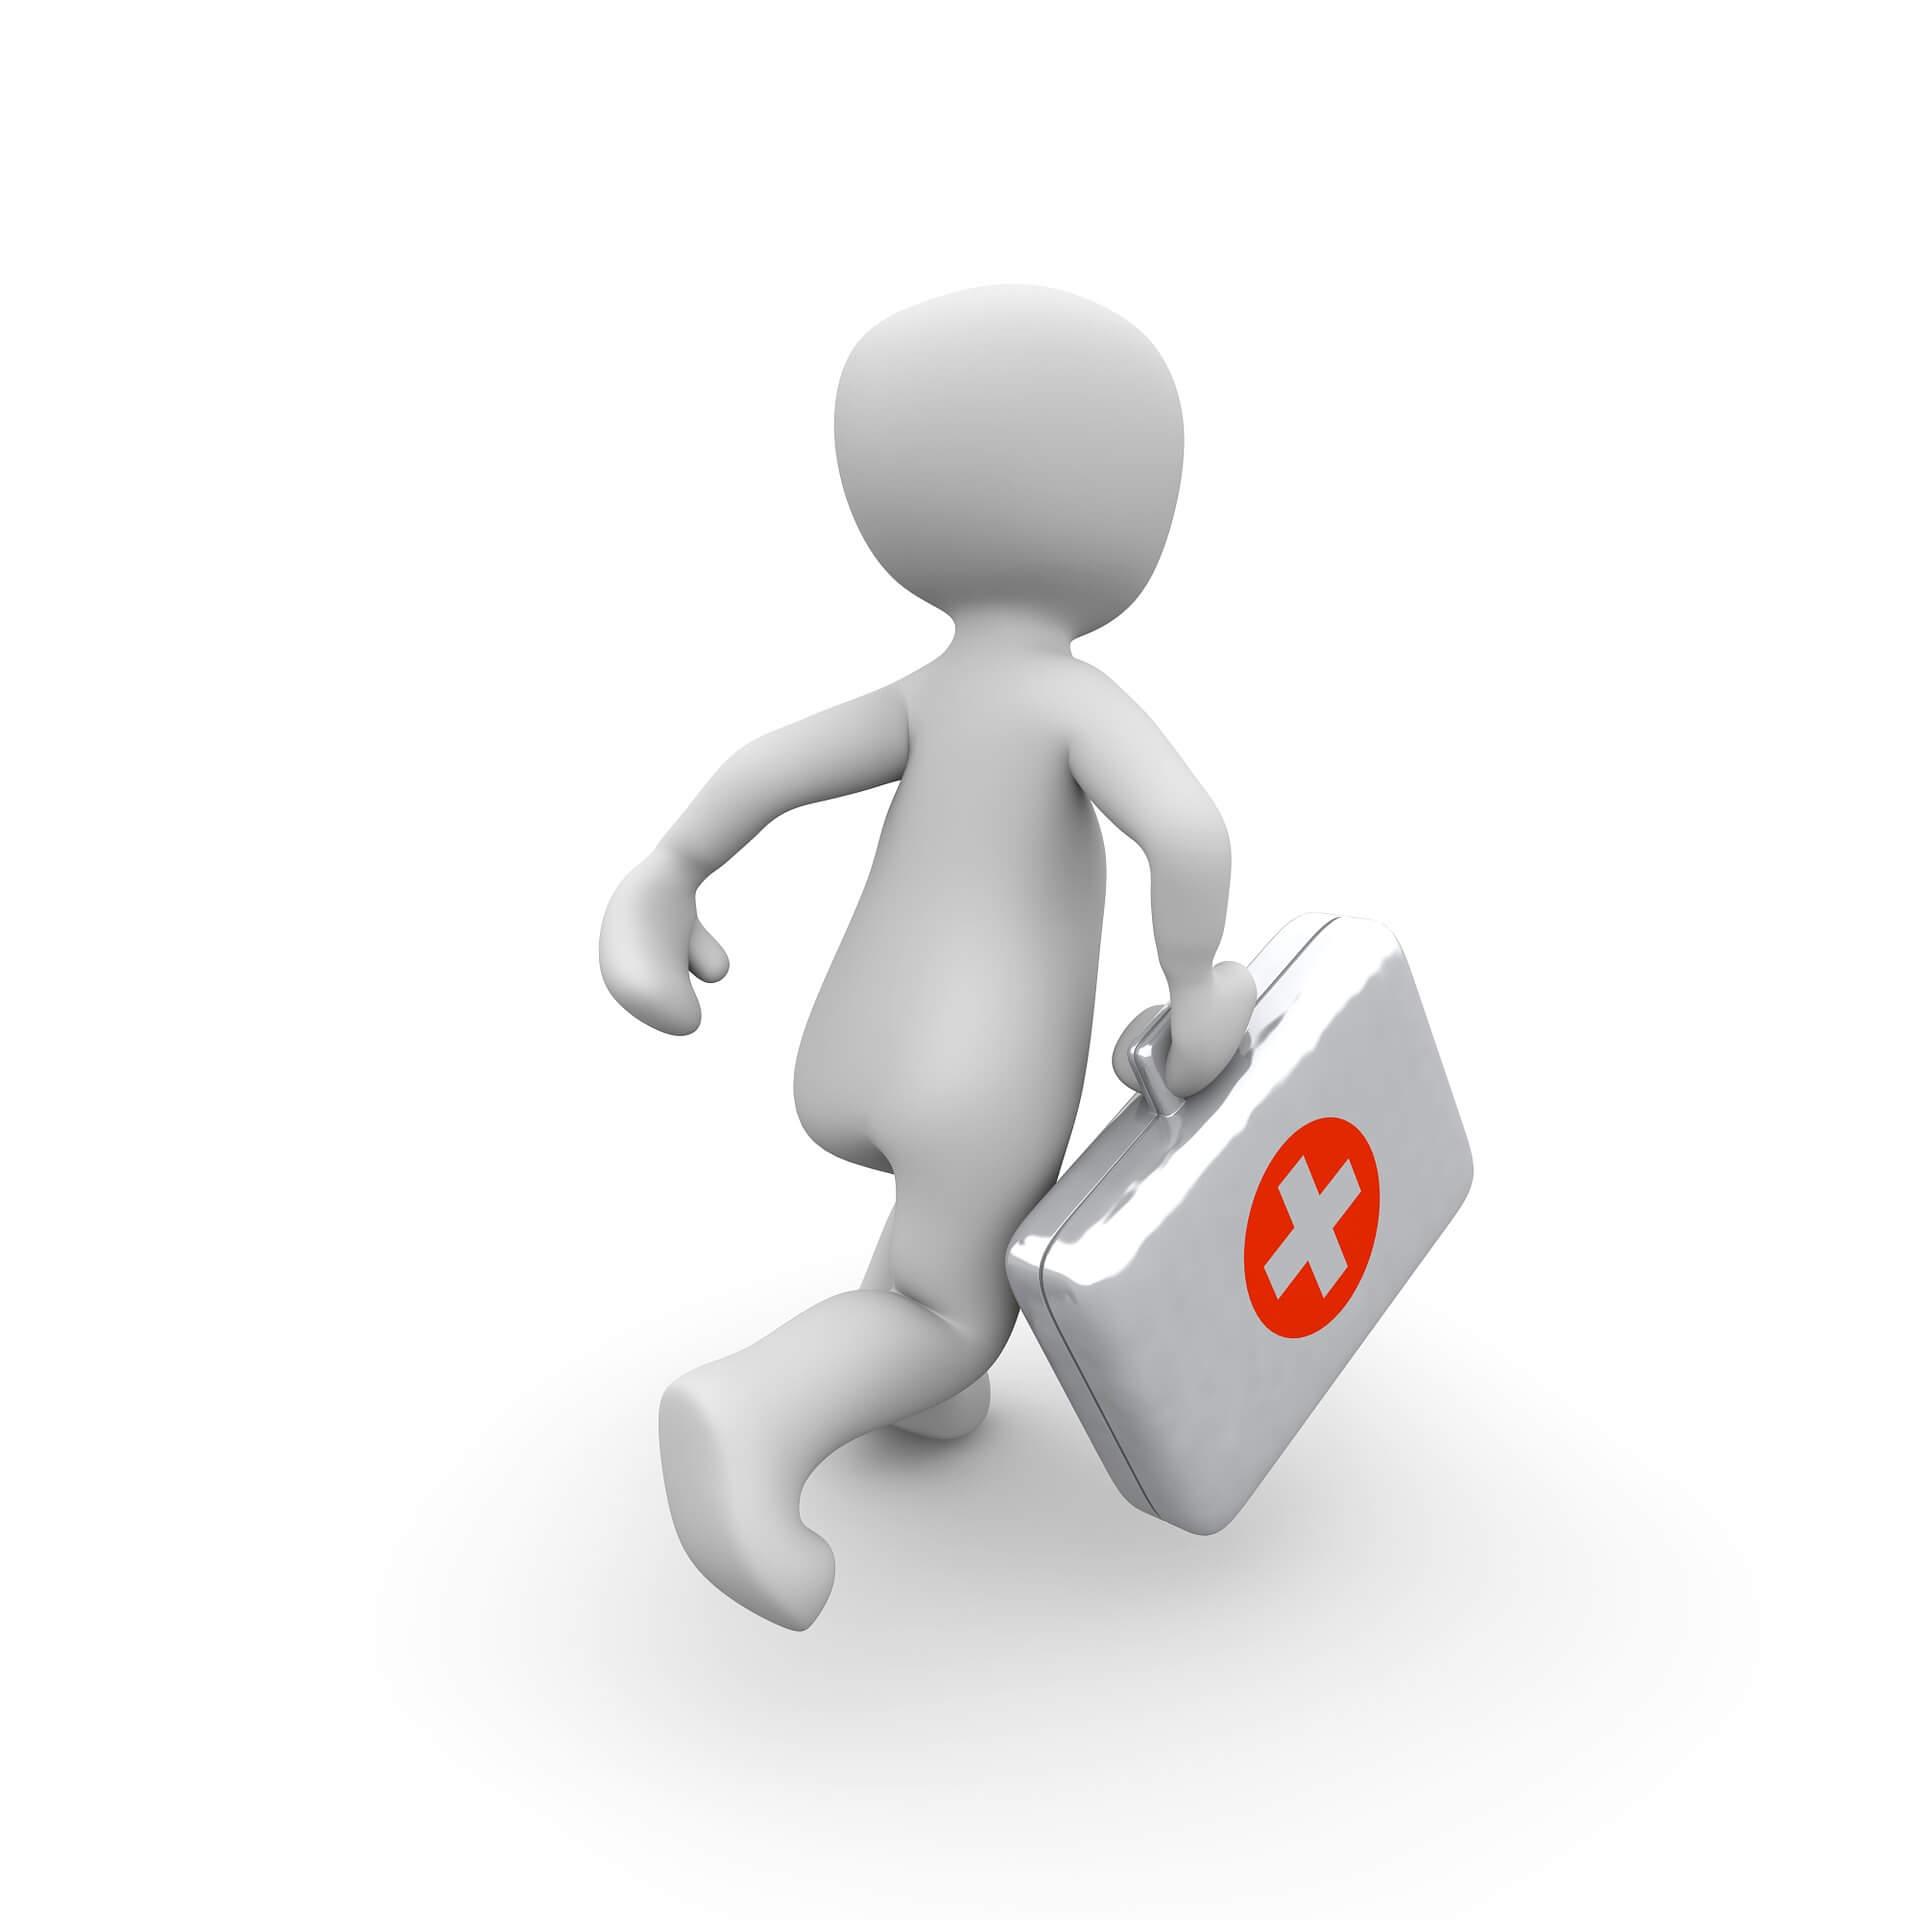 Beste Unfallversicherung, Unfallversicherung, Filderstadt, Stuttgart, Testsieger, Unfallversicherung Vergleich, Leistung, Kind